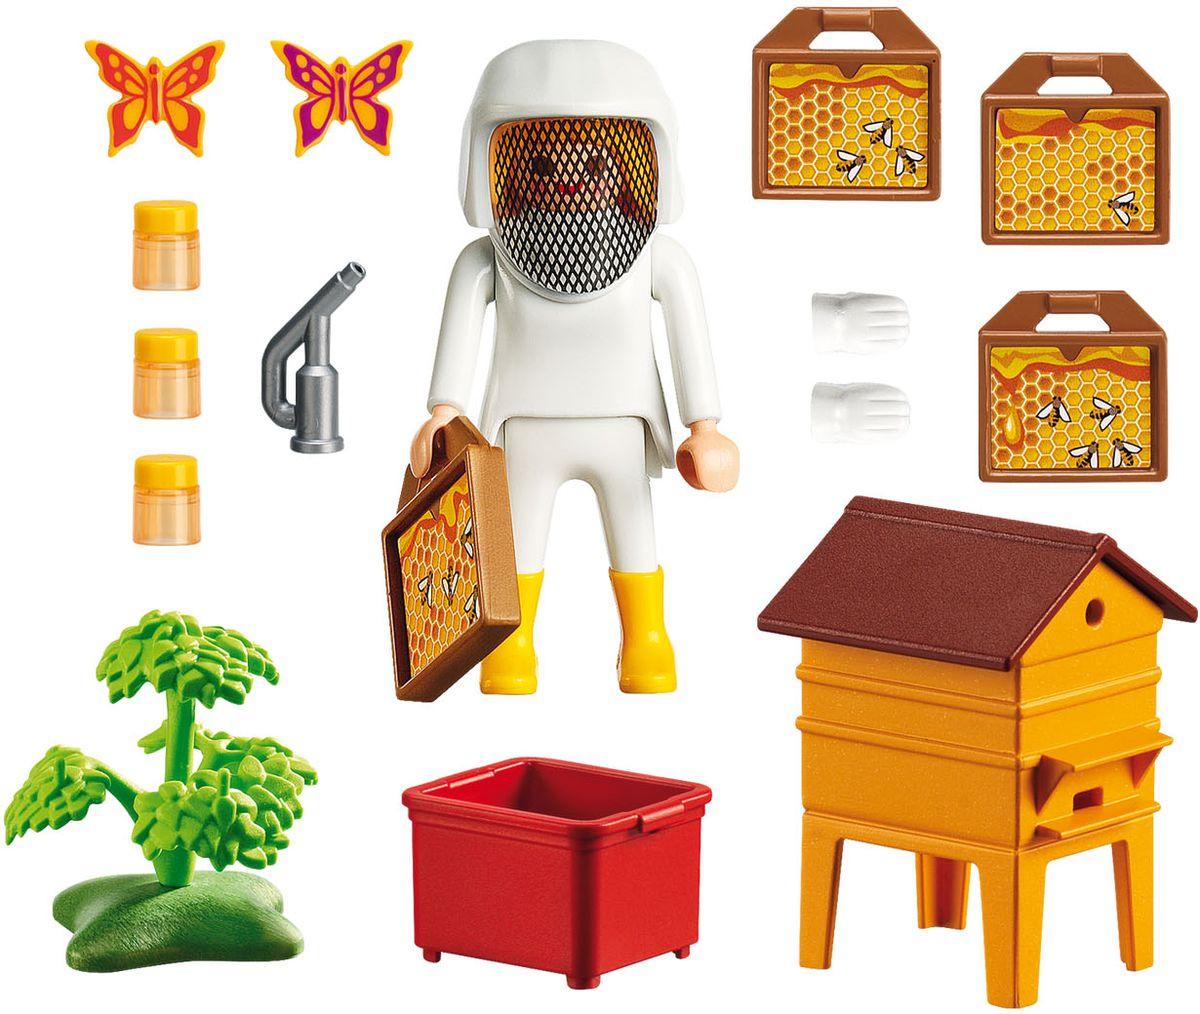 Playmobil Игровой набор Жизнь в лесу Пчеловод с медом